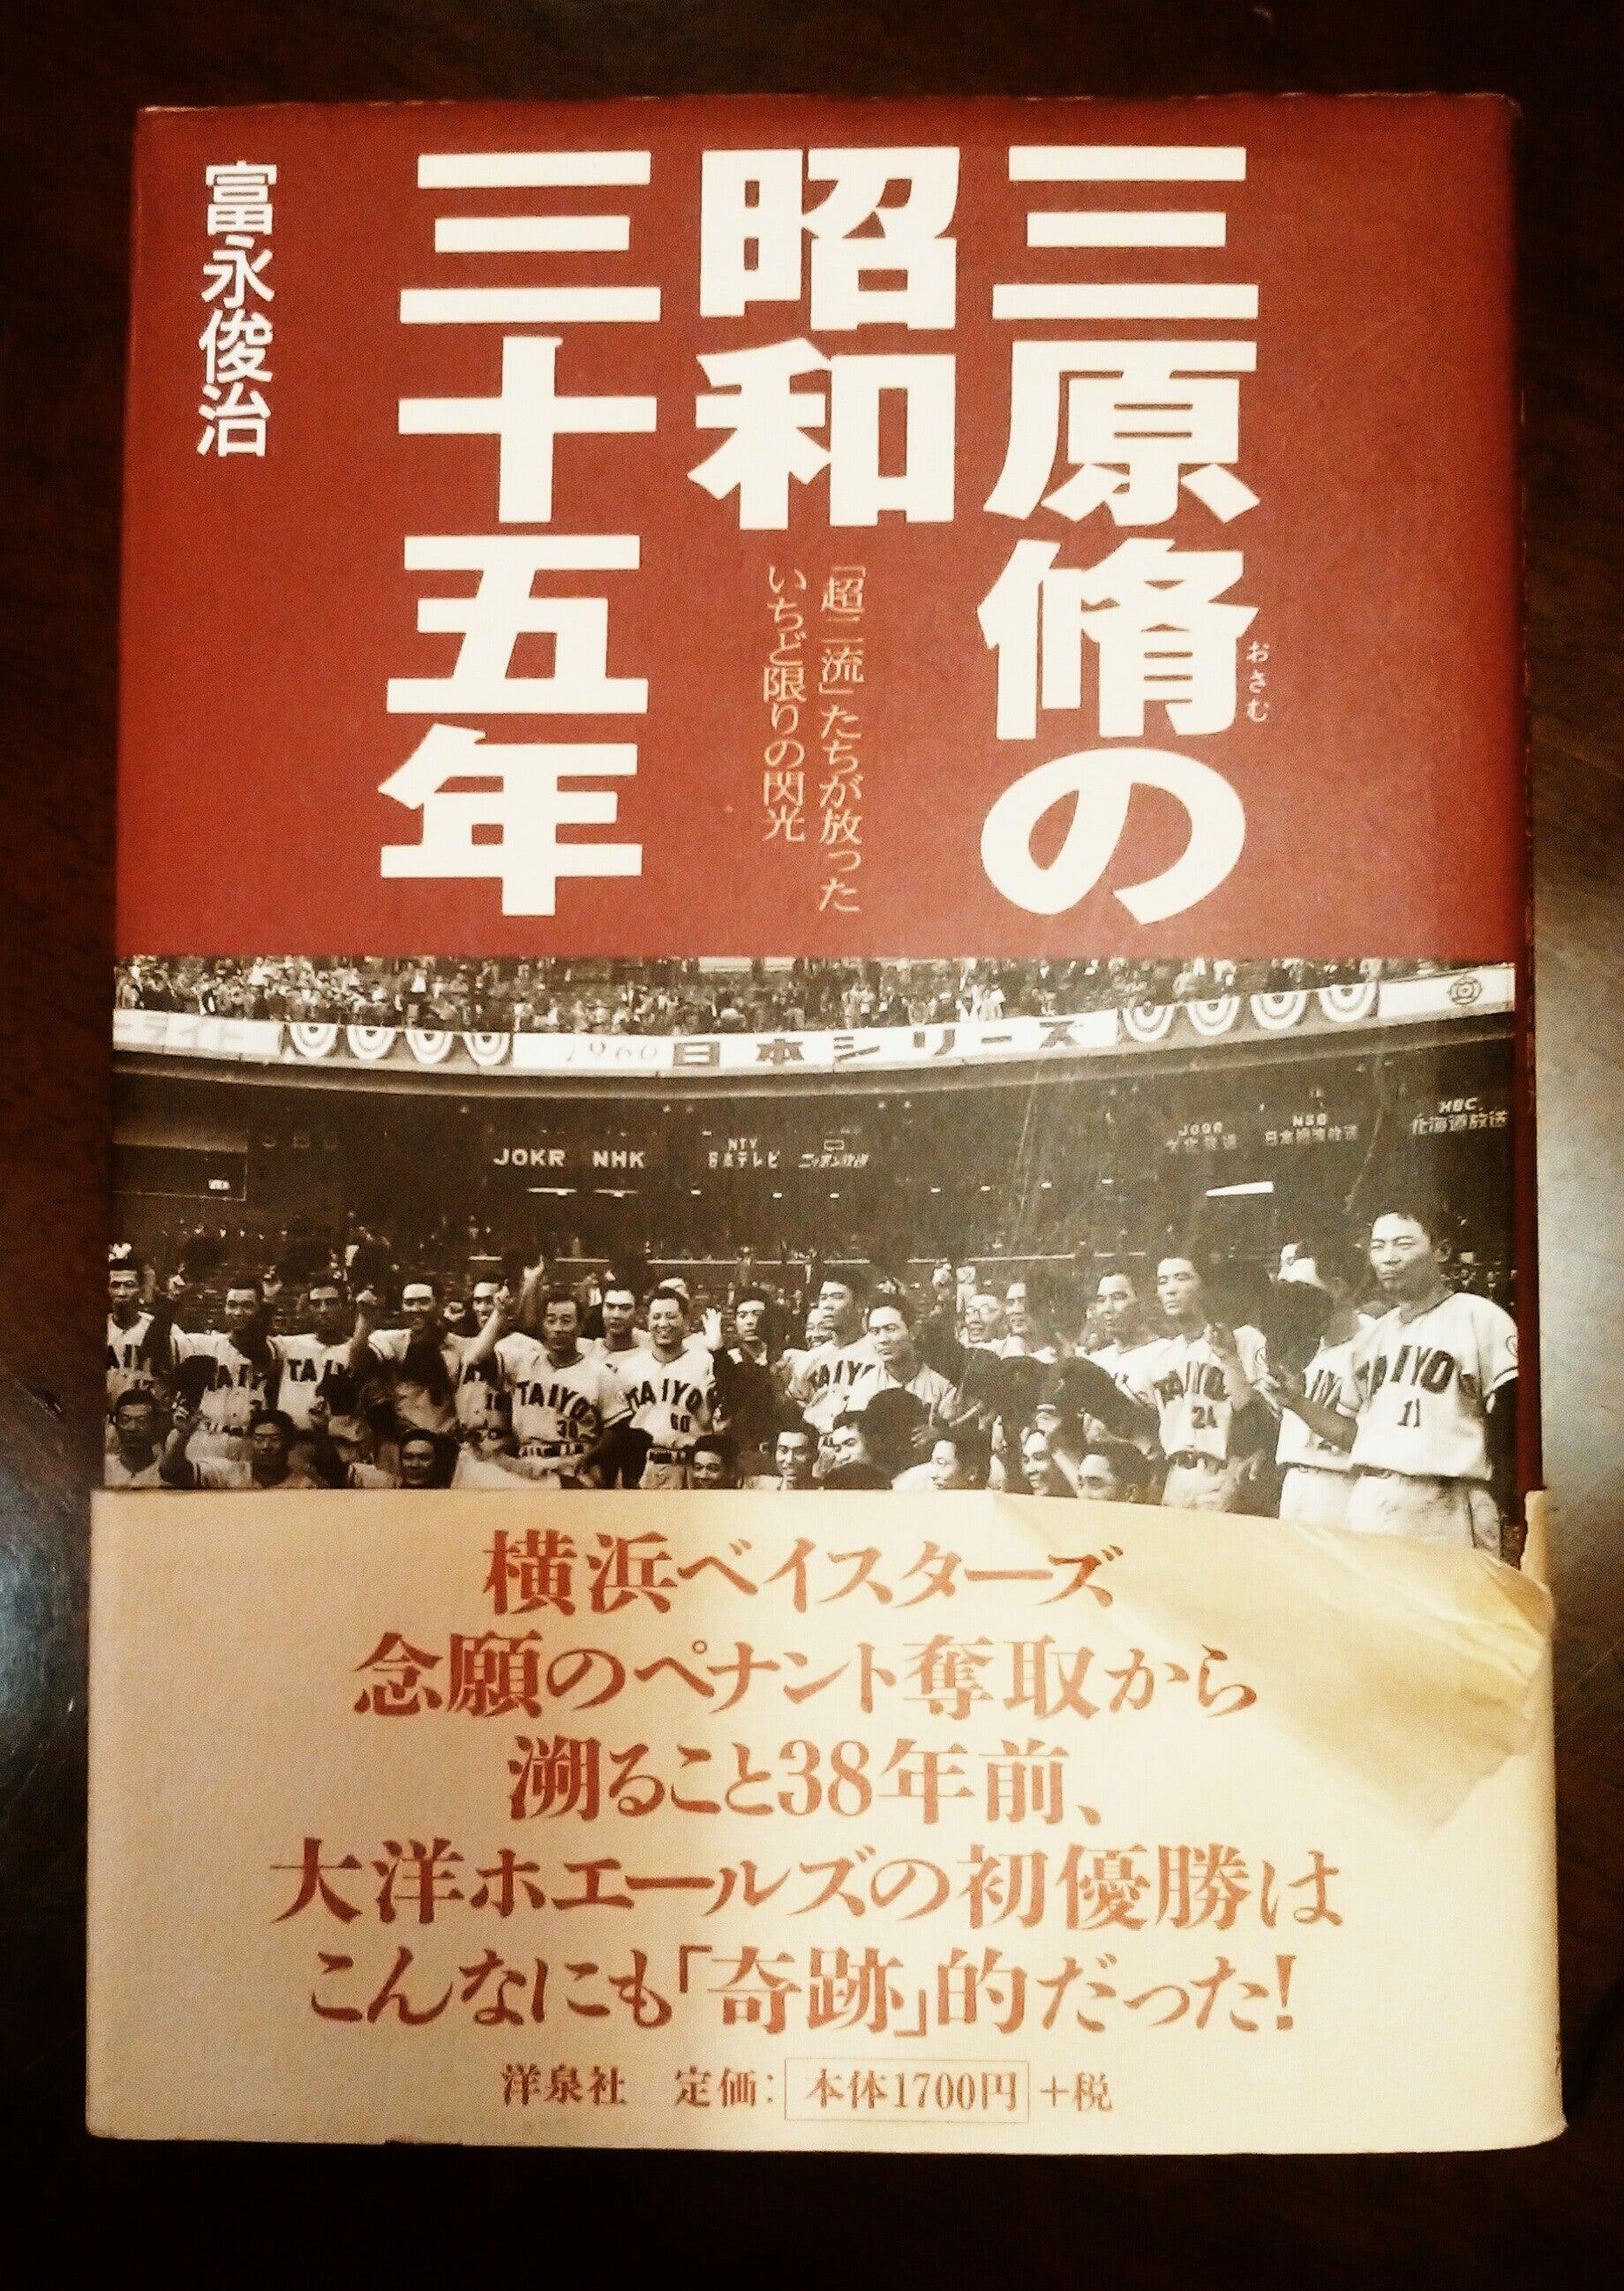 さあ、プロ野球開幕だ! 58年前に6年連続最下位から「日本一」になった球団があった。